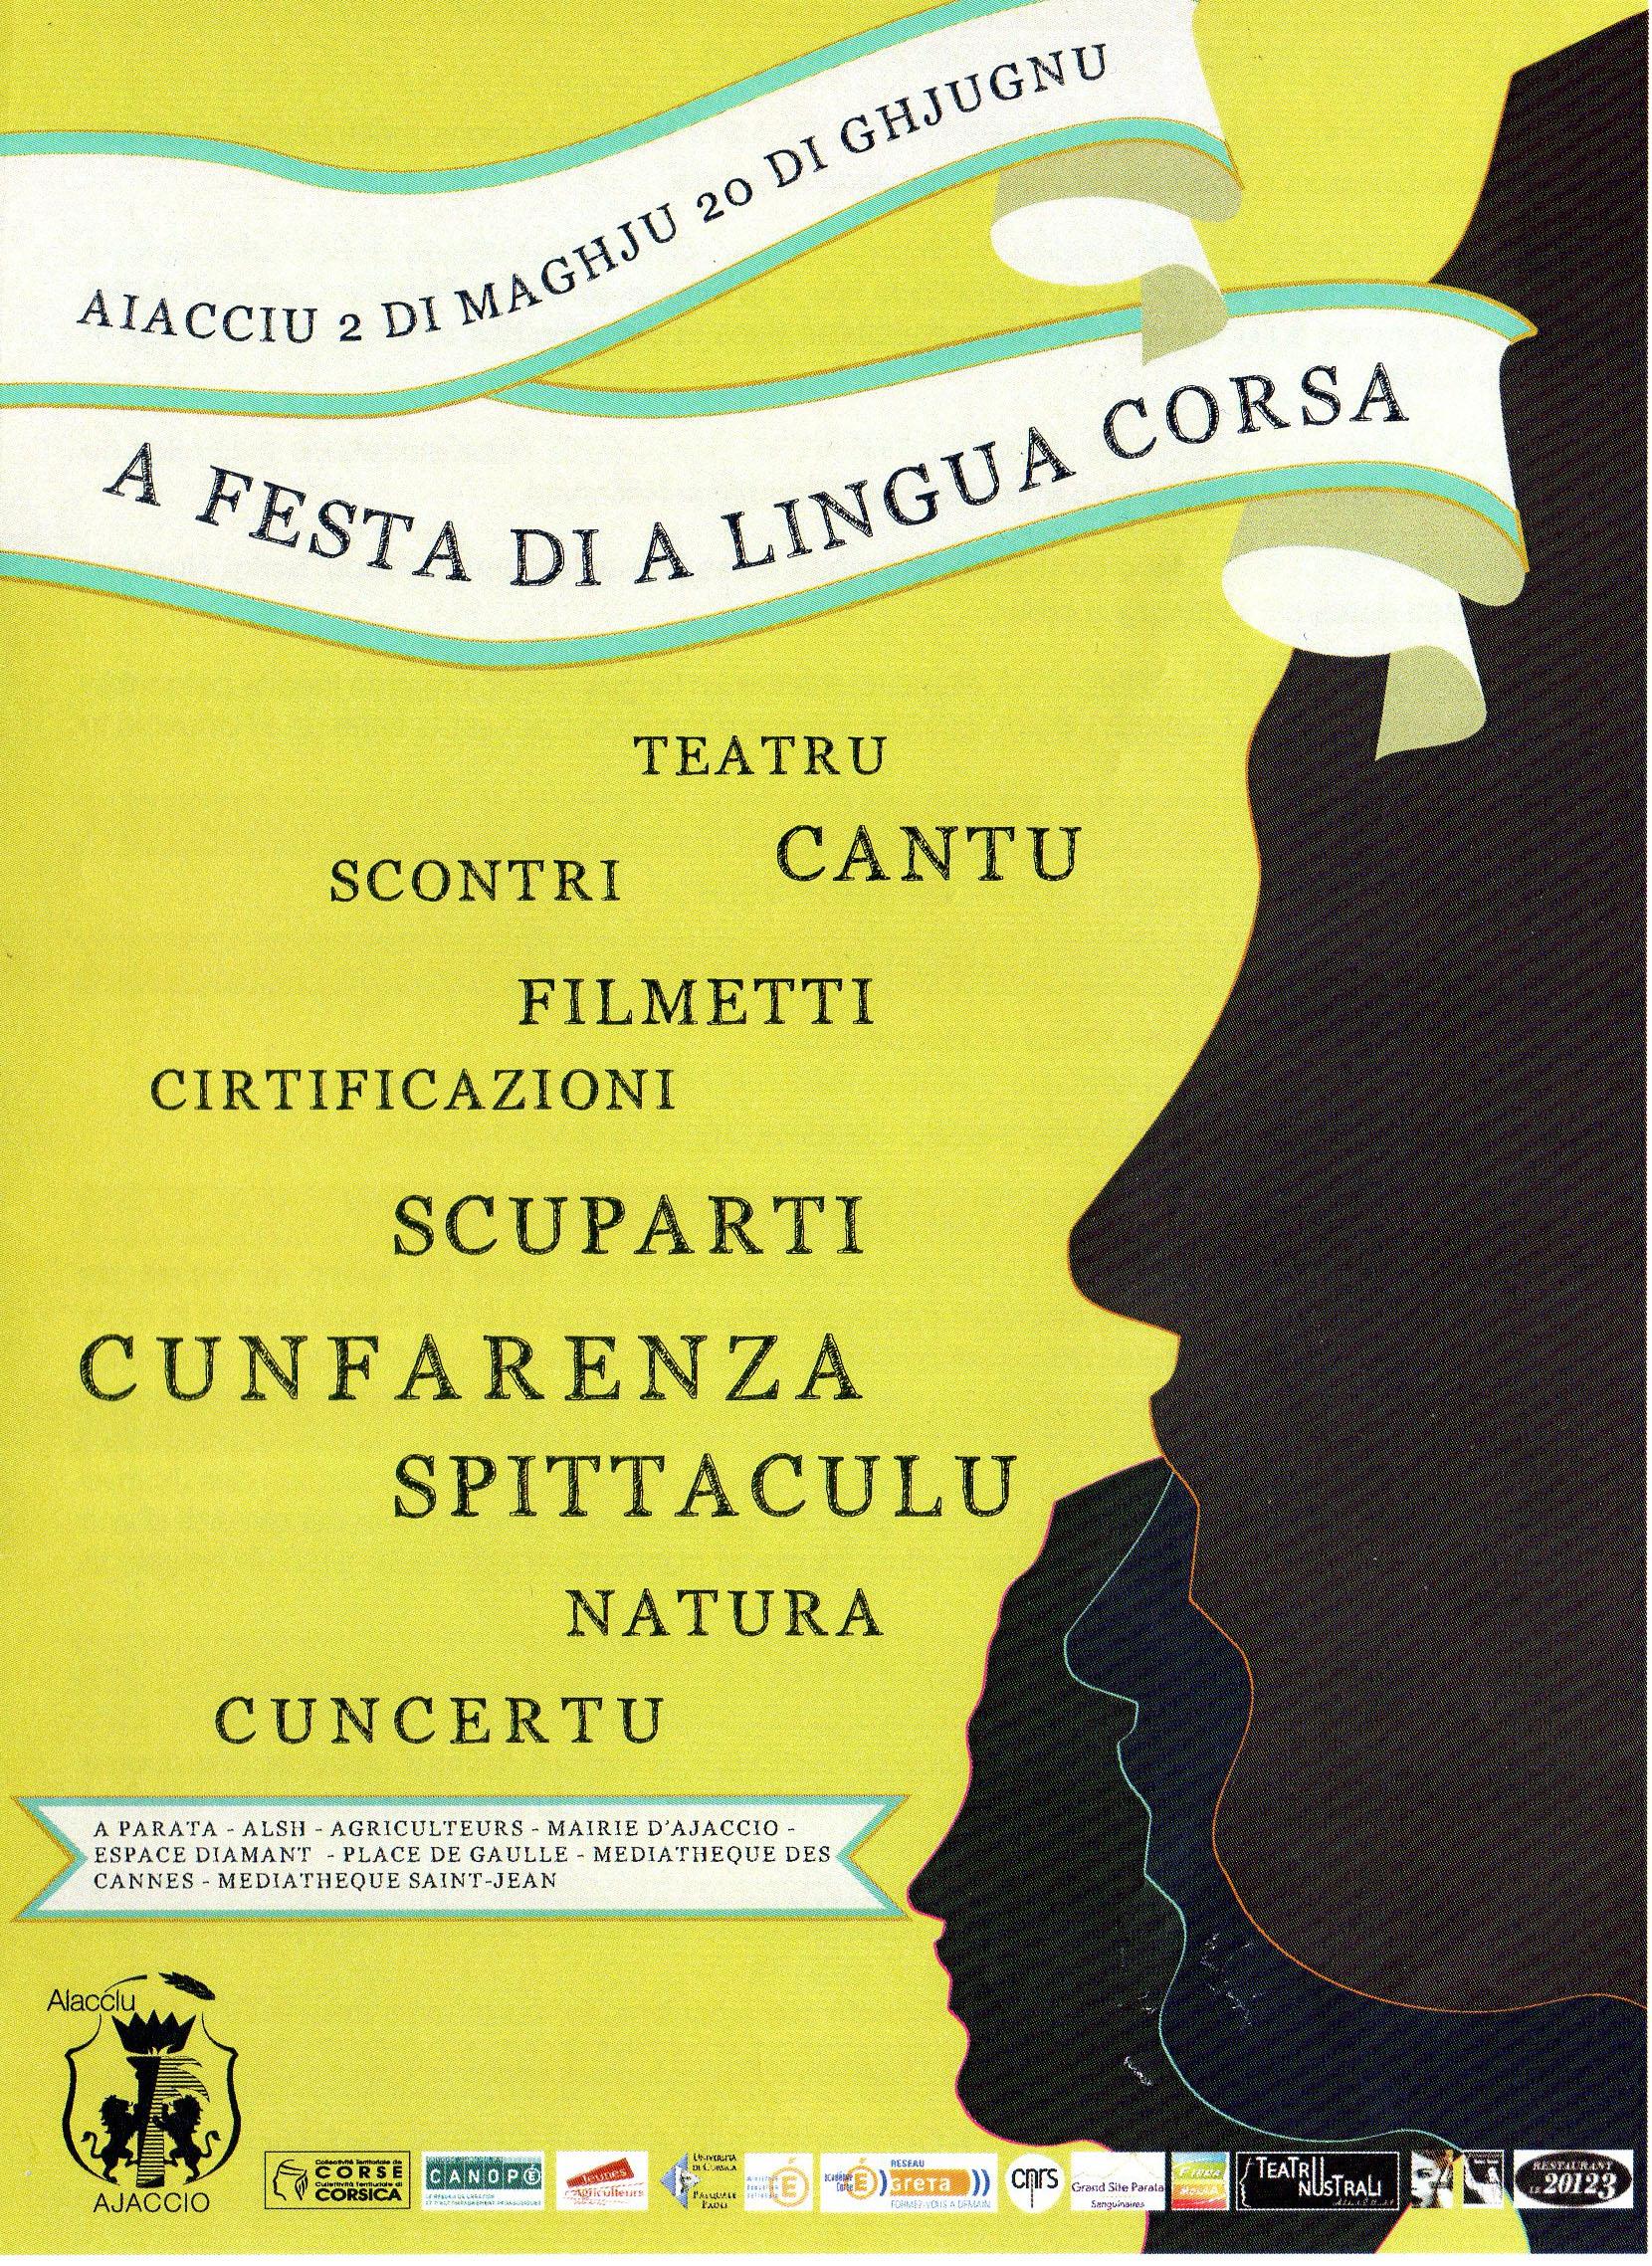 Aiacciu: A festa di a lingua Corsa